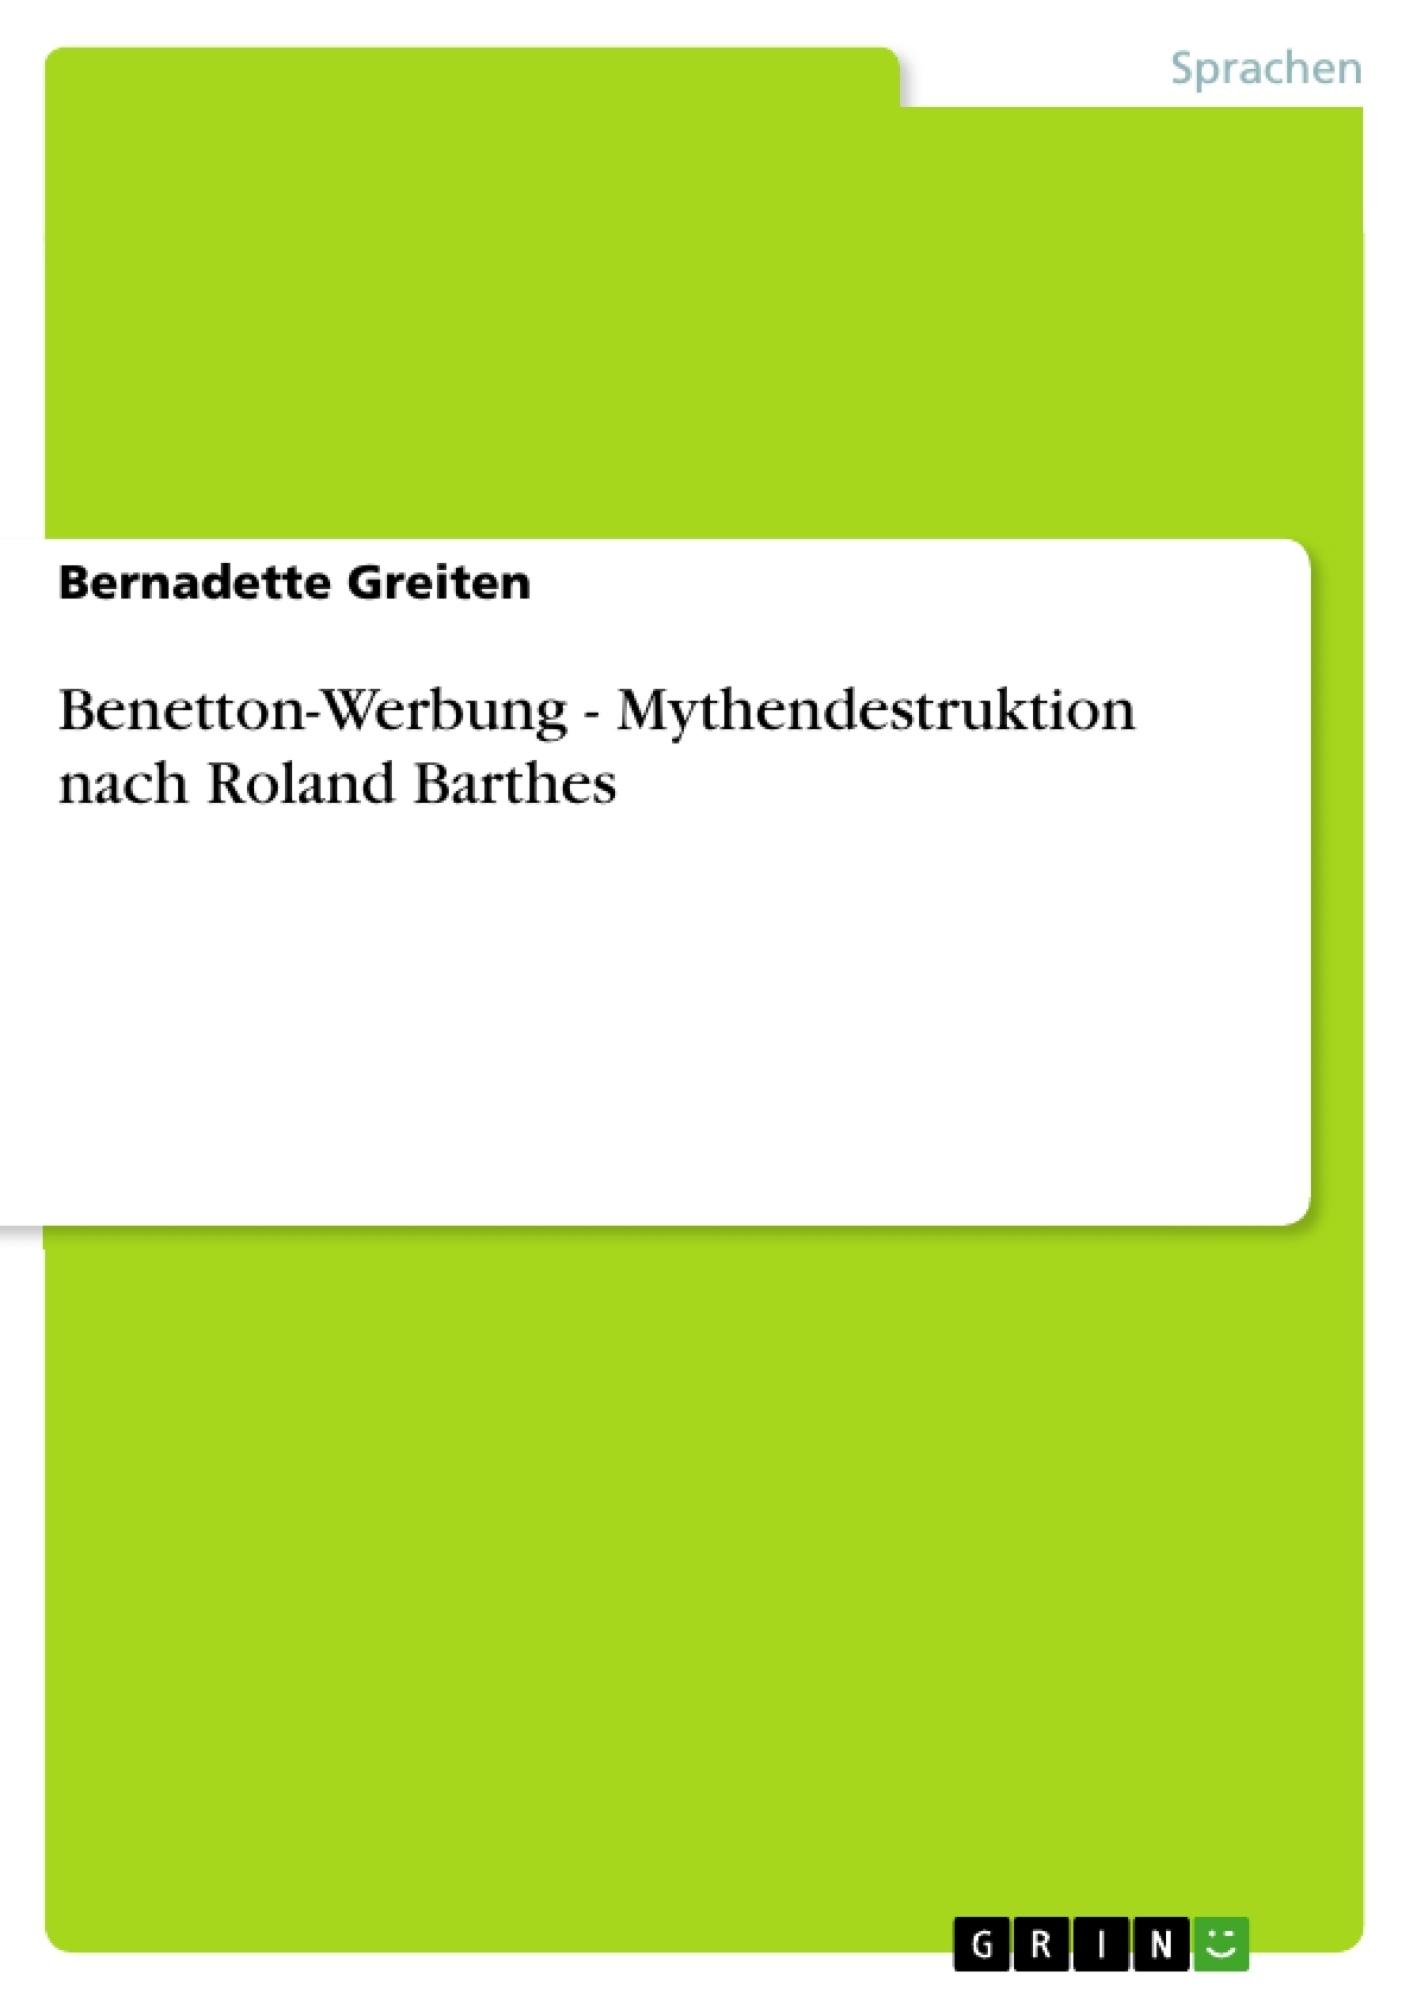 Titel: Benetton-Werbung - Mythendestruktion nach Roland Barthes